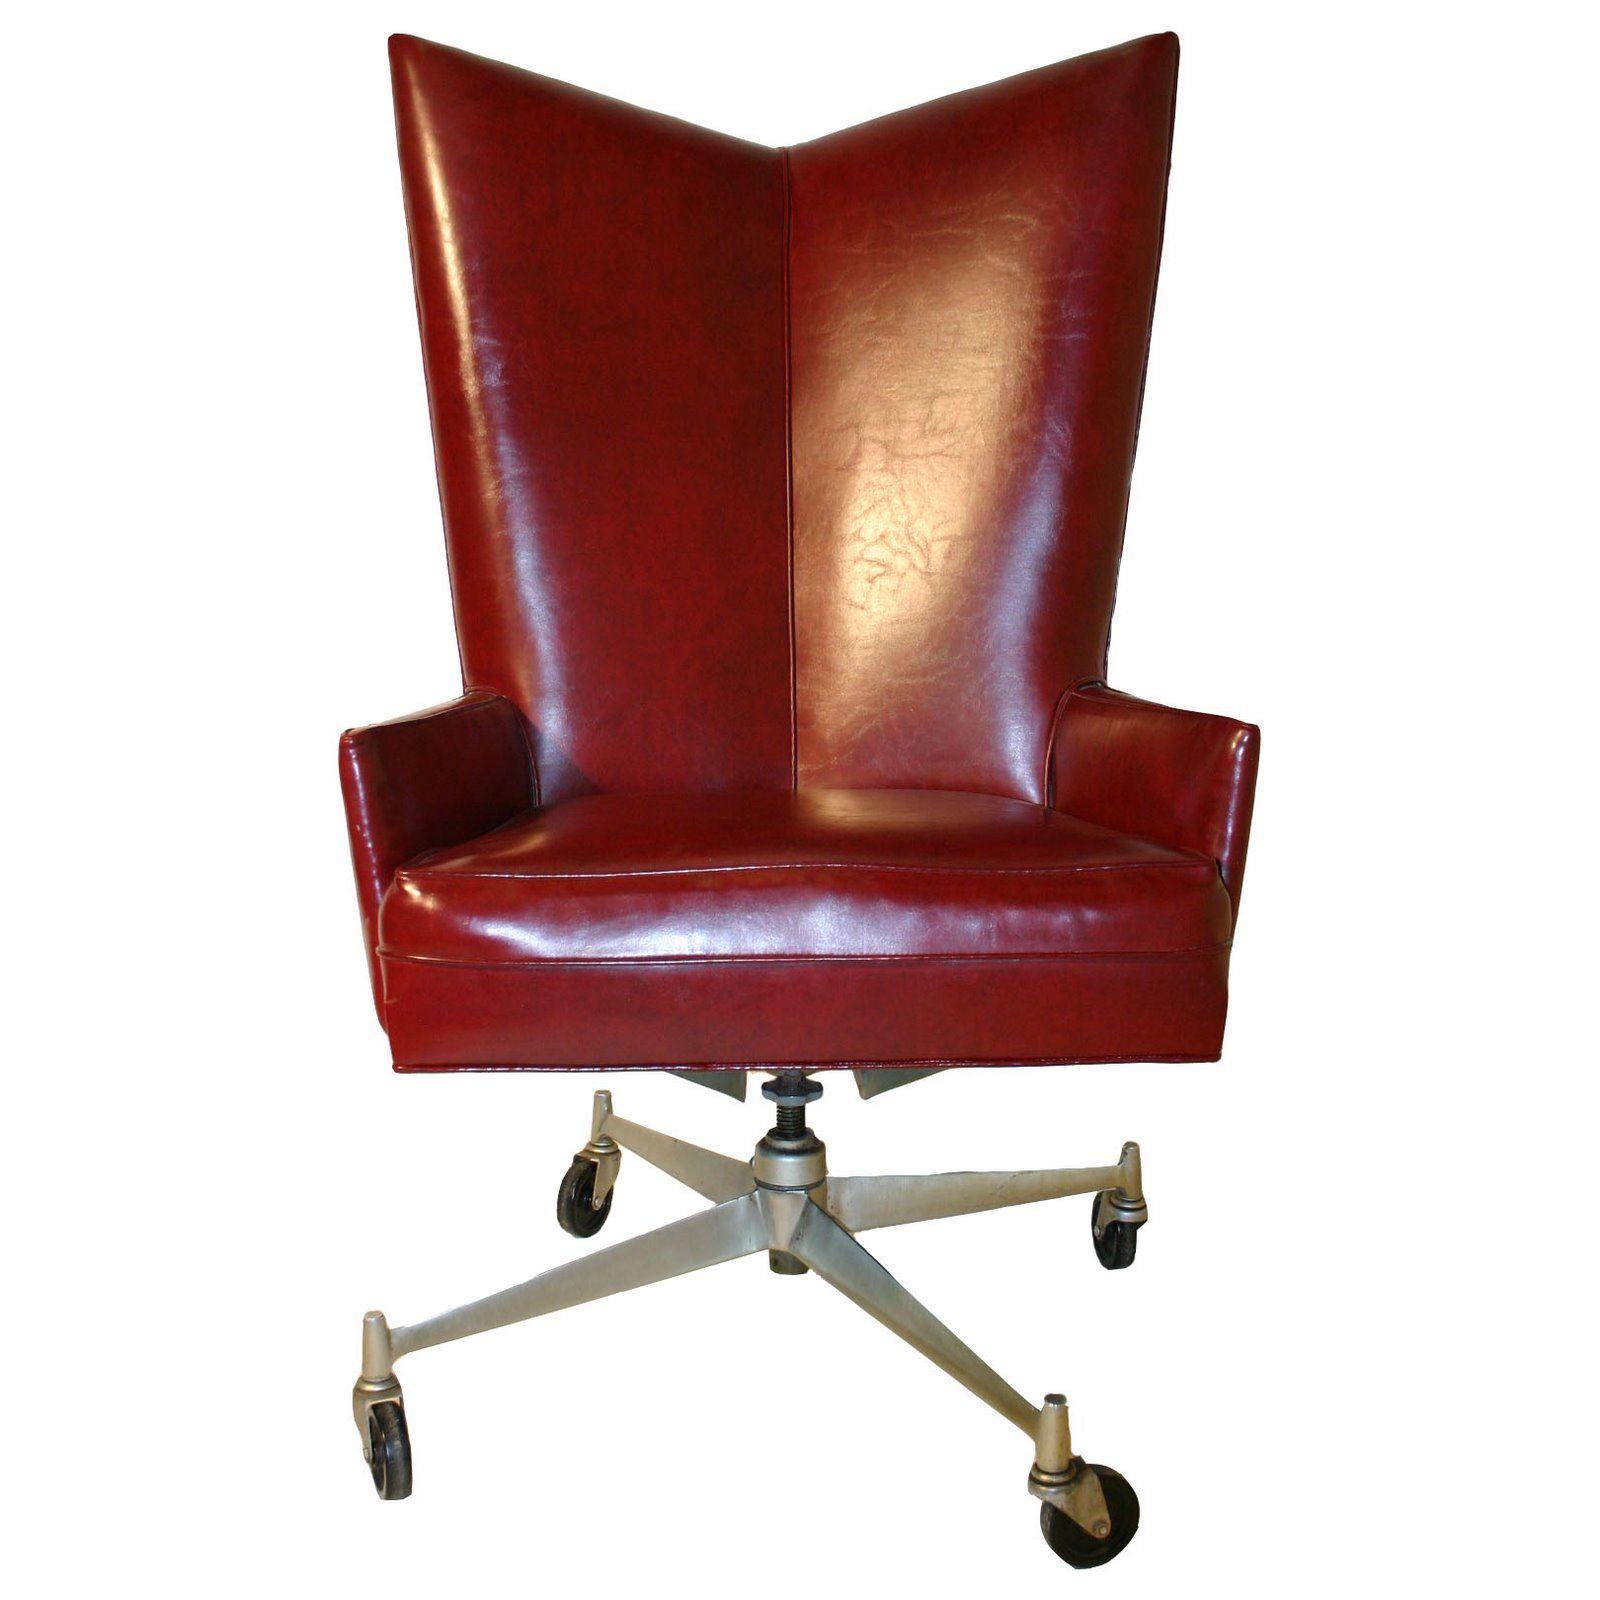 asda Bürostuhl | BüroMöbel | Pinterest | Bürostühle und Büromöbel